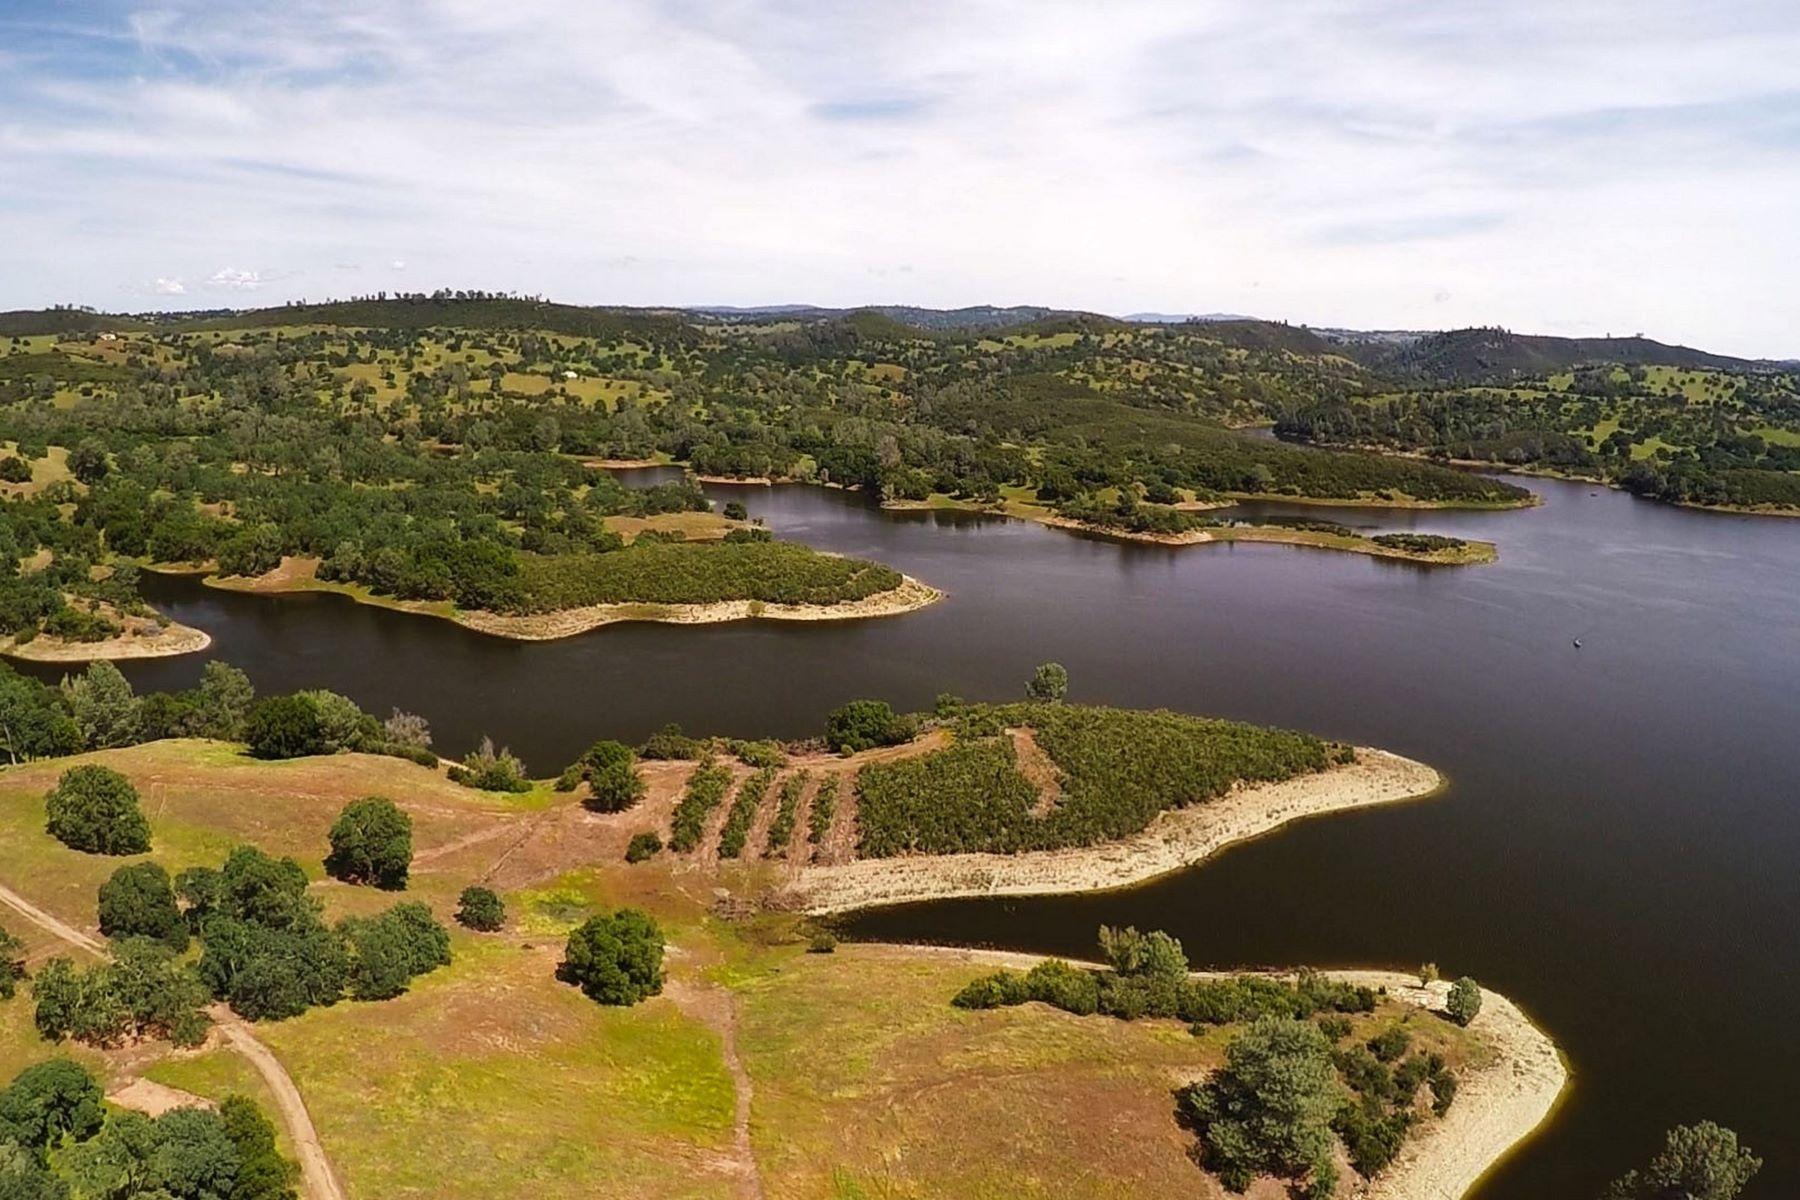 土地,用地 为 销售 在 Land with Lake Opportunity on 40 Acres 6550 Jackson Valley Road Ione, 加利福尼亚州 95640 美国